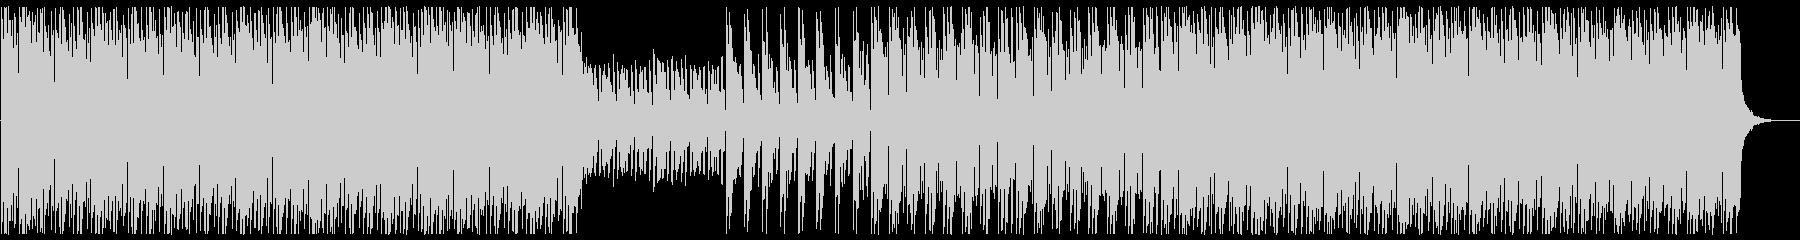 企業VP_躍進のテーマシンプルバージョンの未再生の波形